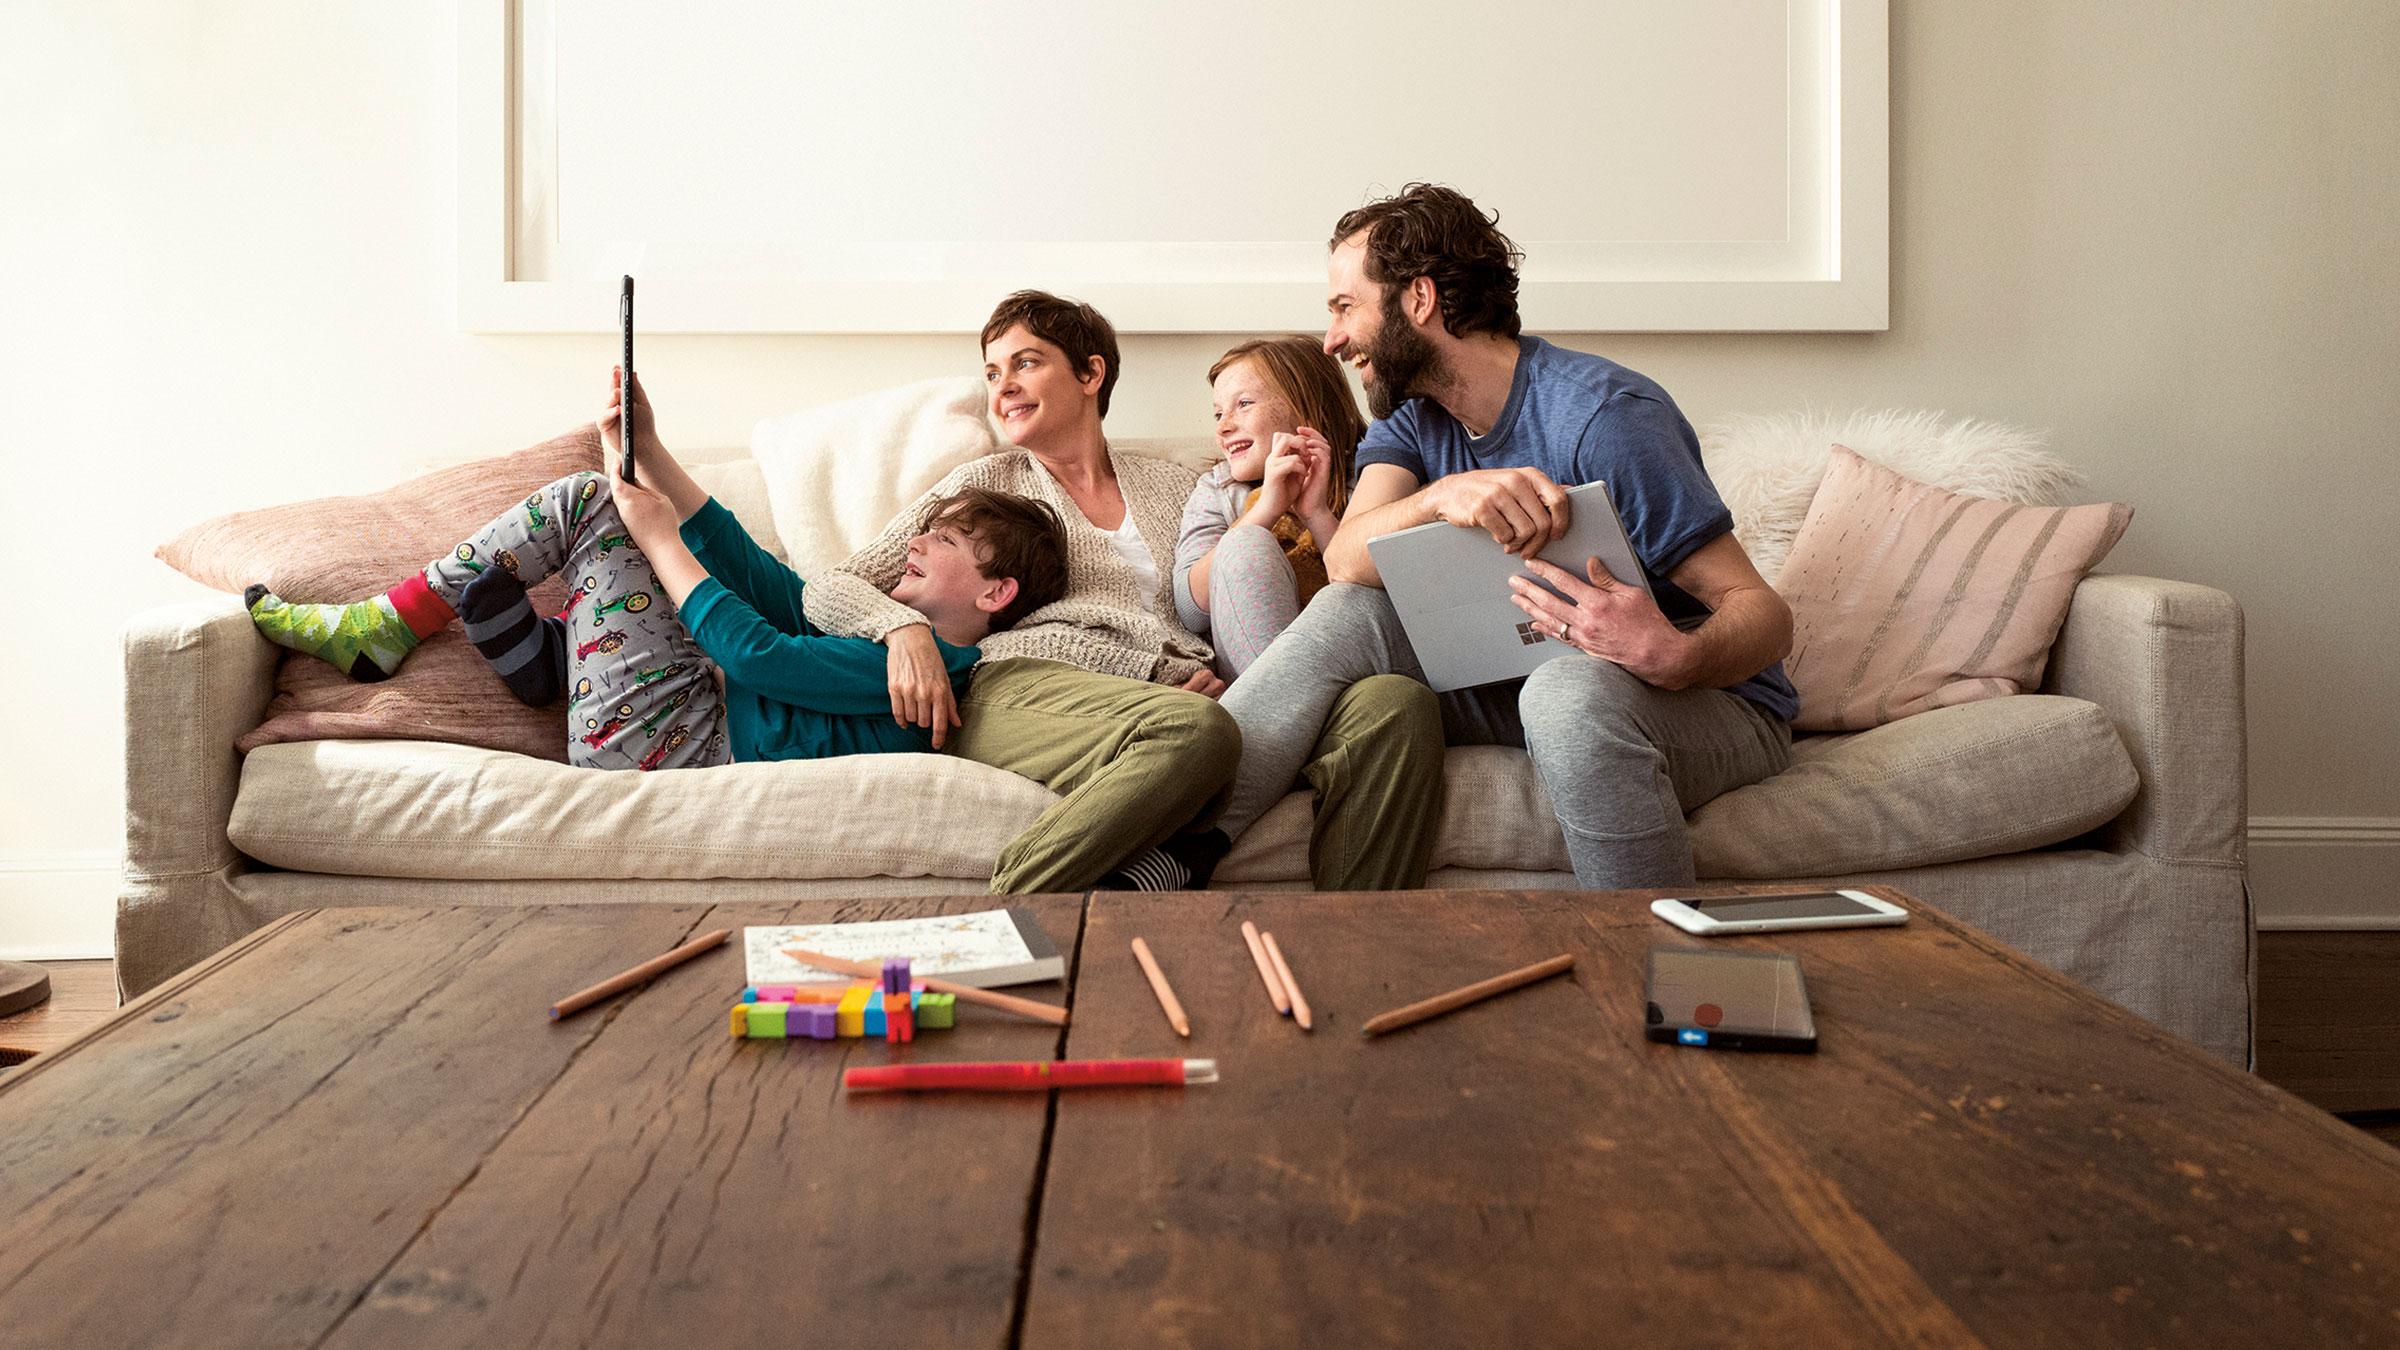 Famille réunie sur un divan autour d'un appareil Microsoft Surface Pro